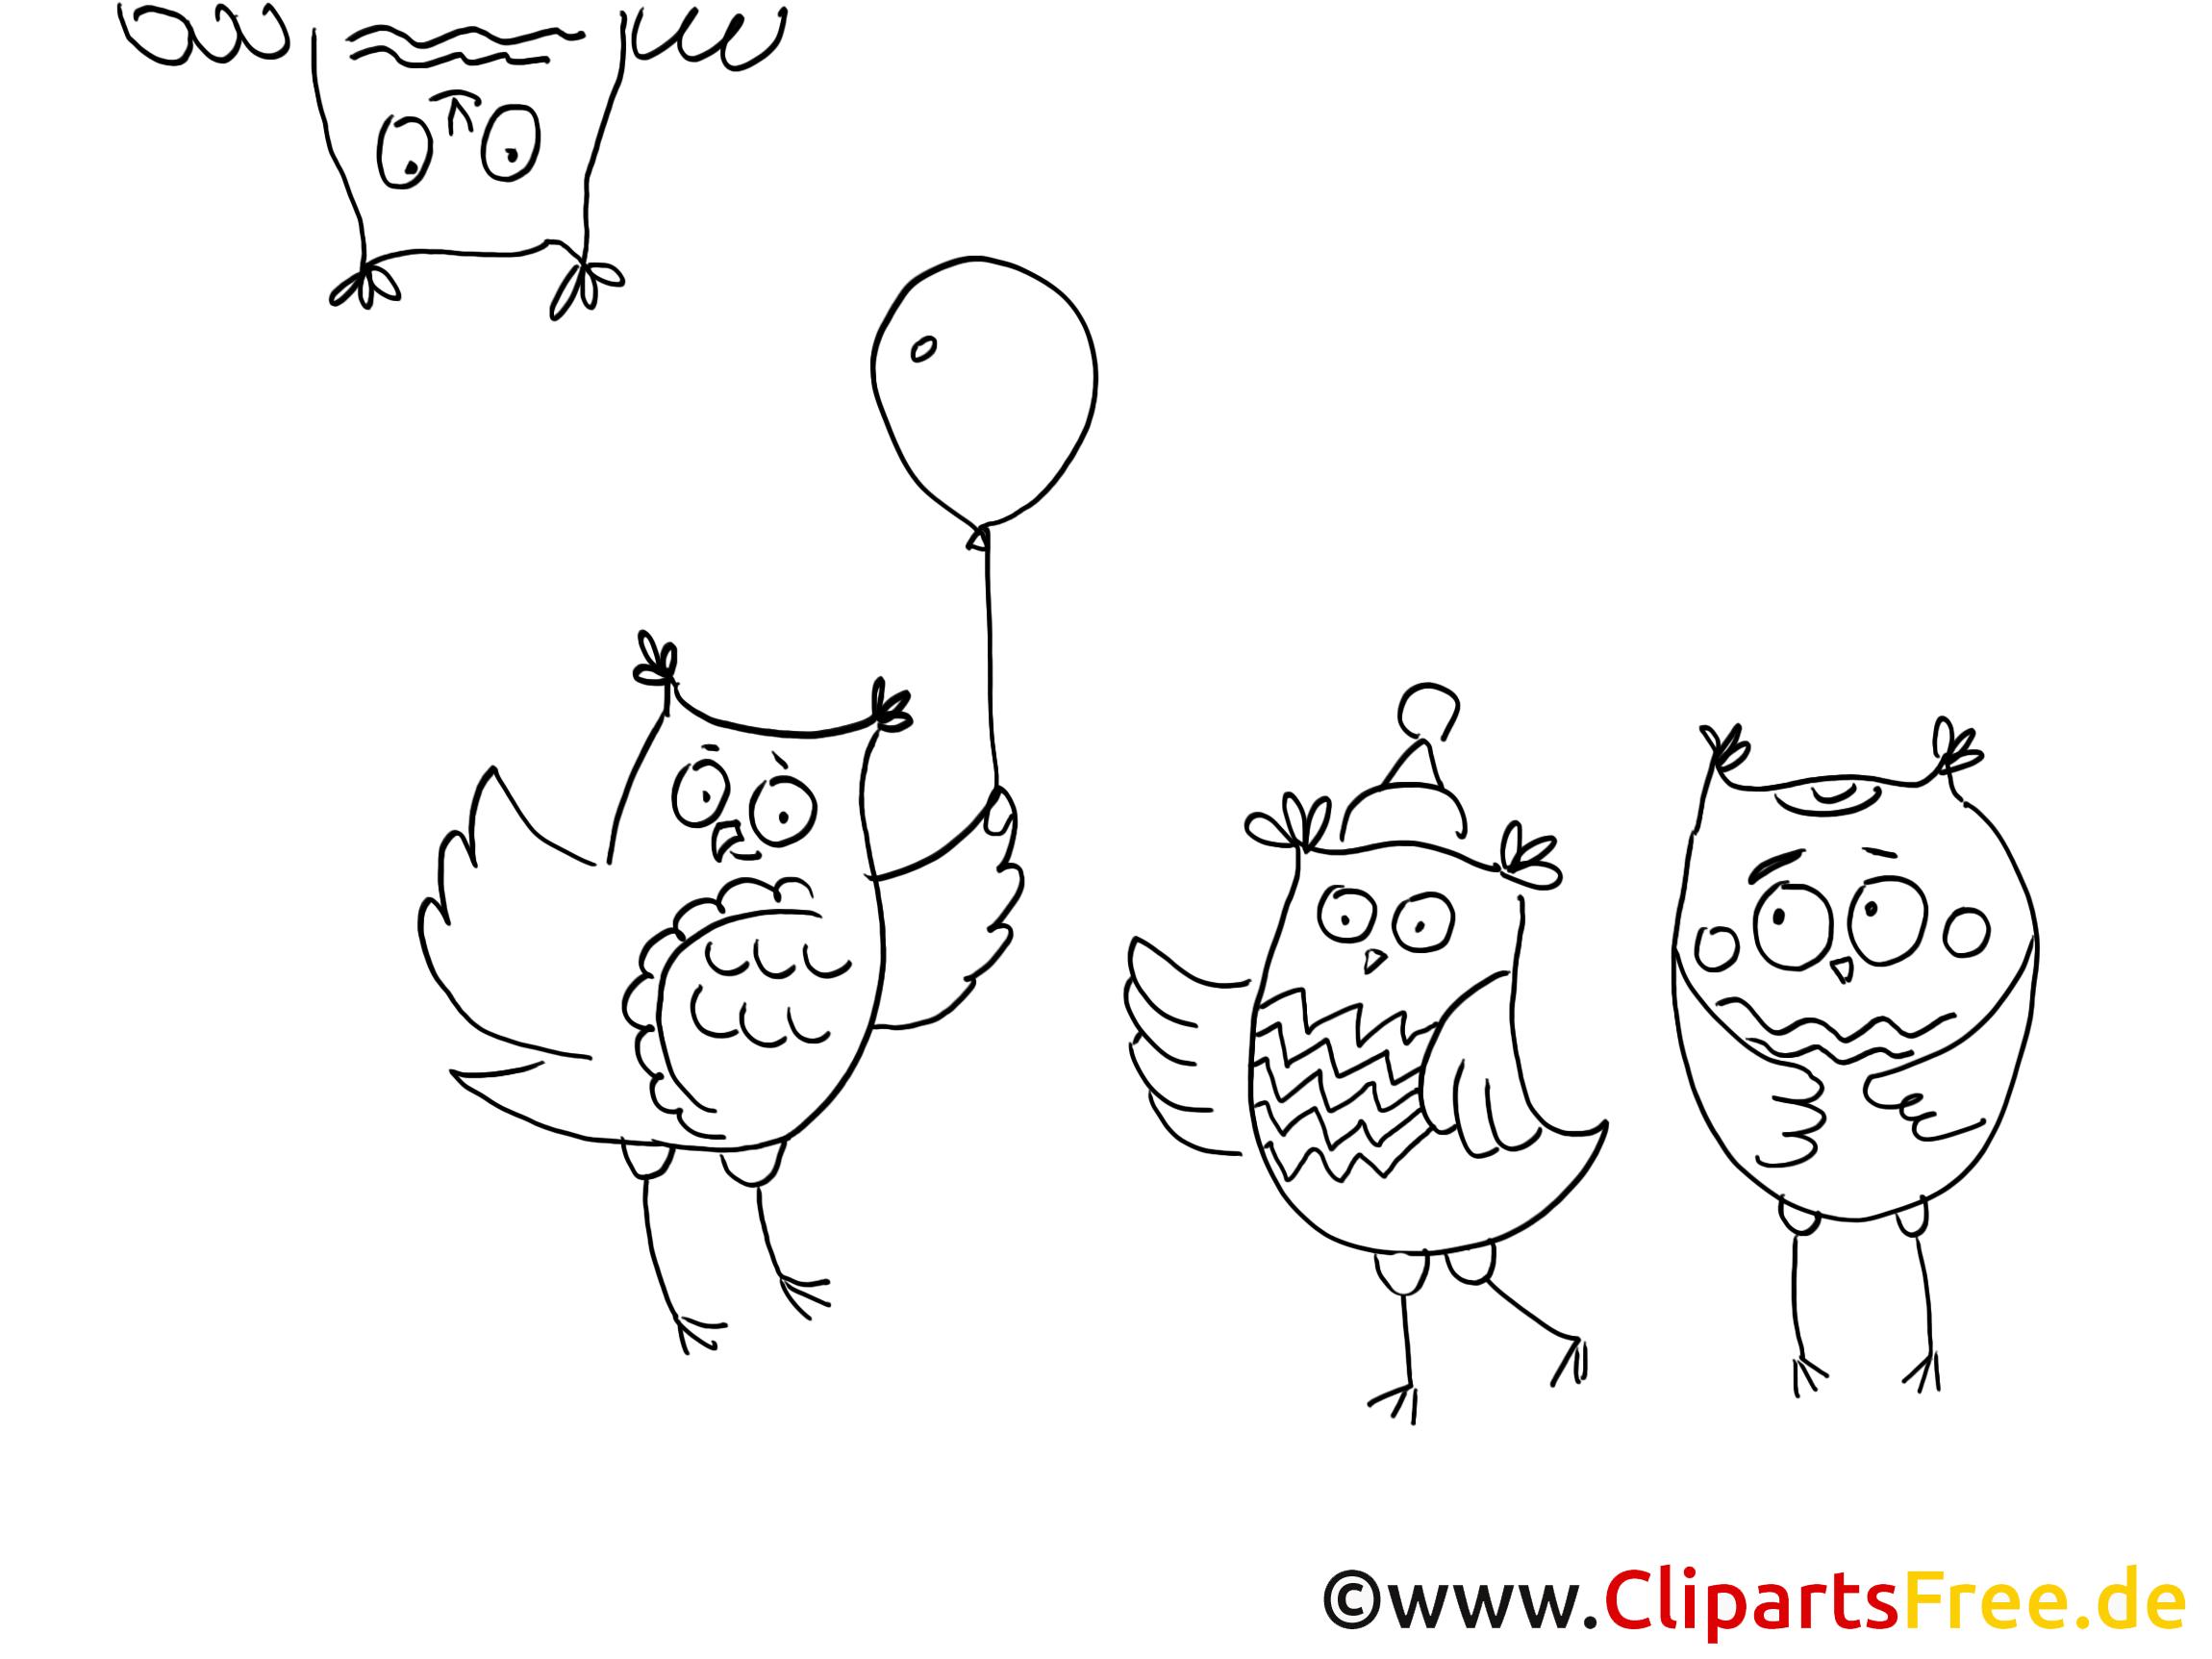 Hiboux dessin – Coloriage animal à télécharger